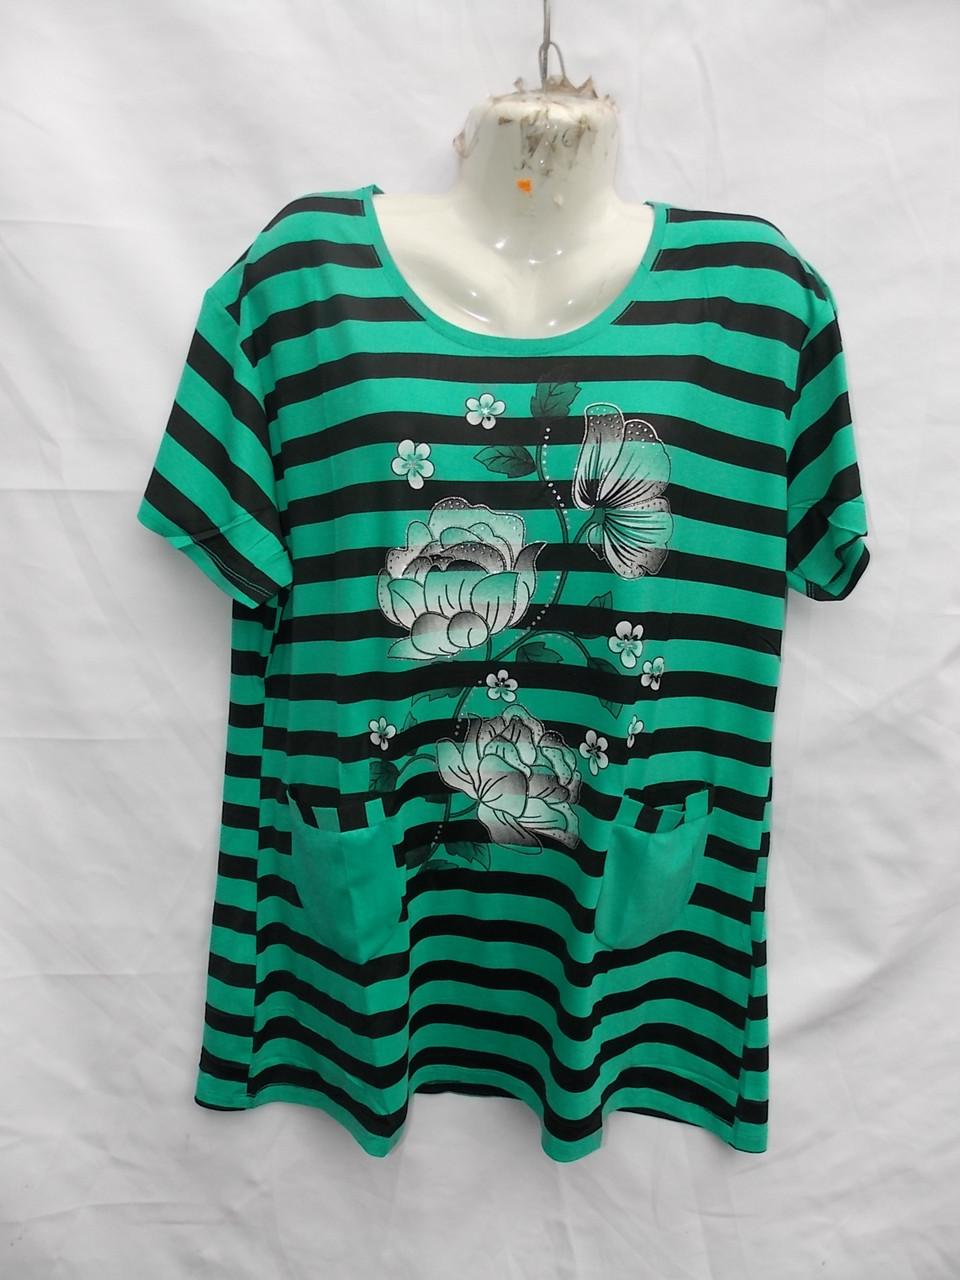 Женская котоновая футболка Батал (в уп. 5 расцветок) пр-ва Вьетнам оптом в Одессе.